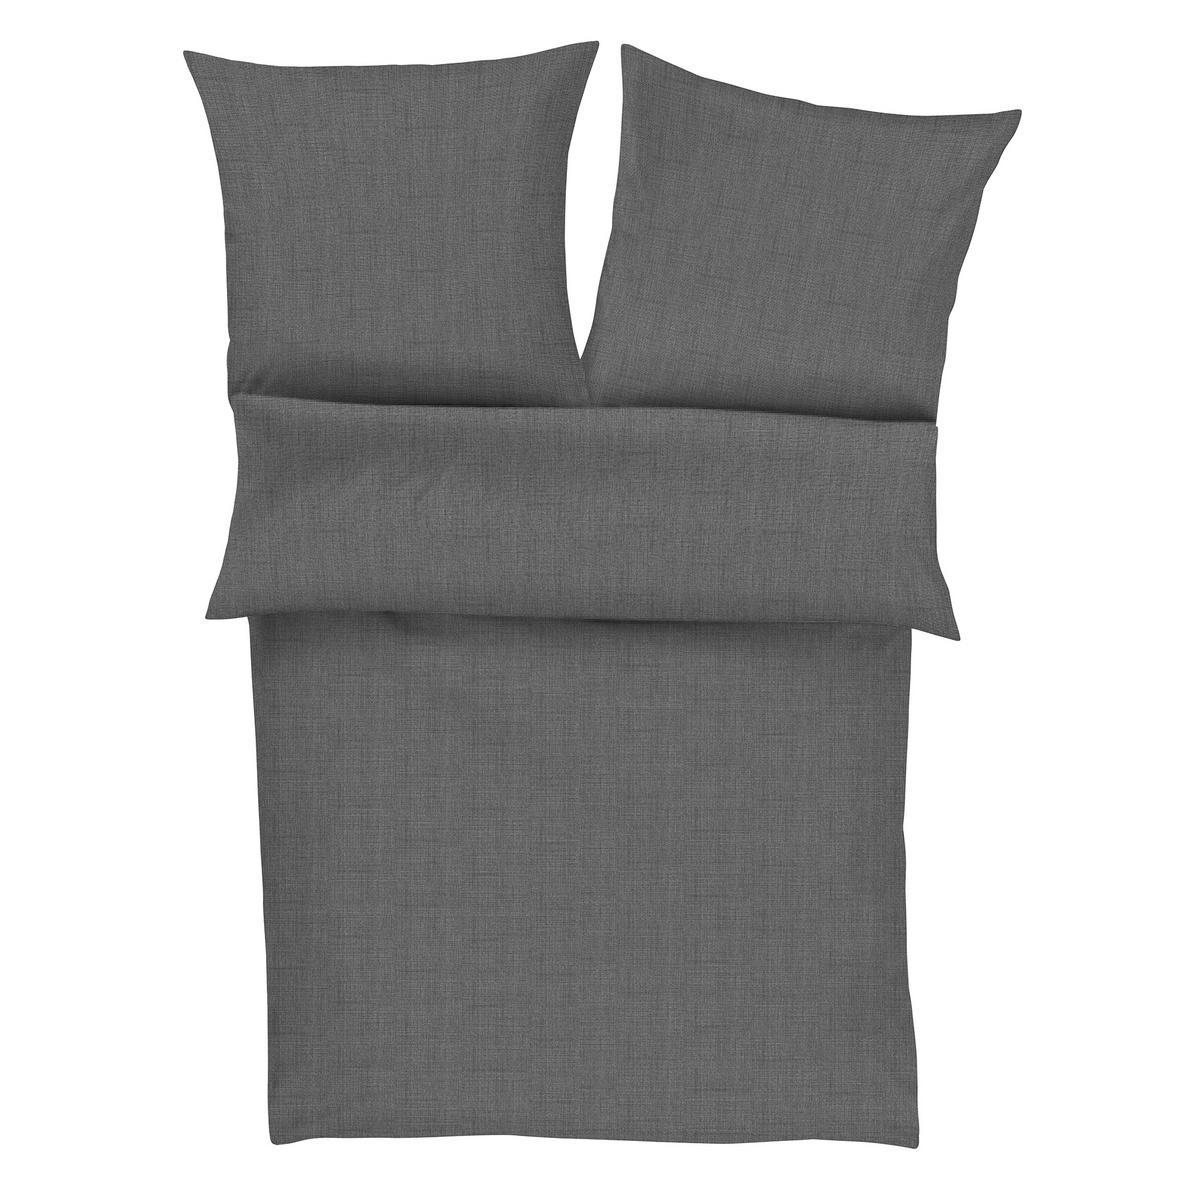 Zeitgeist Povlečení Lima satén - flanel 4670/840 tmavě šedá, 140 x 200 cm, 70 x 90 cm